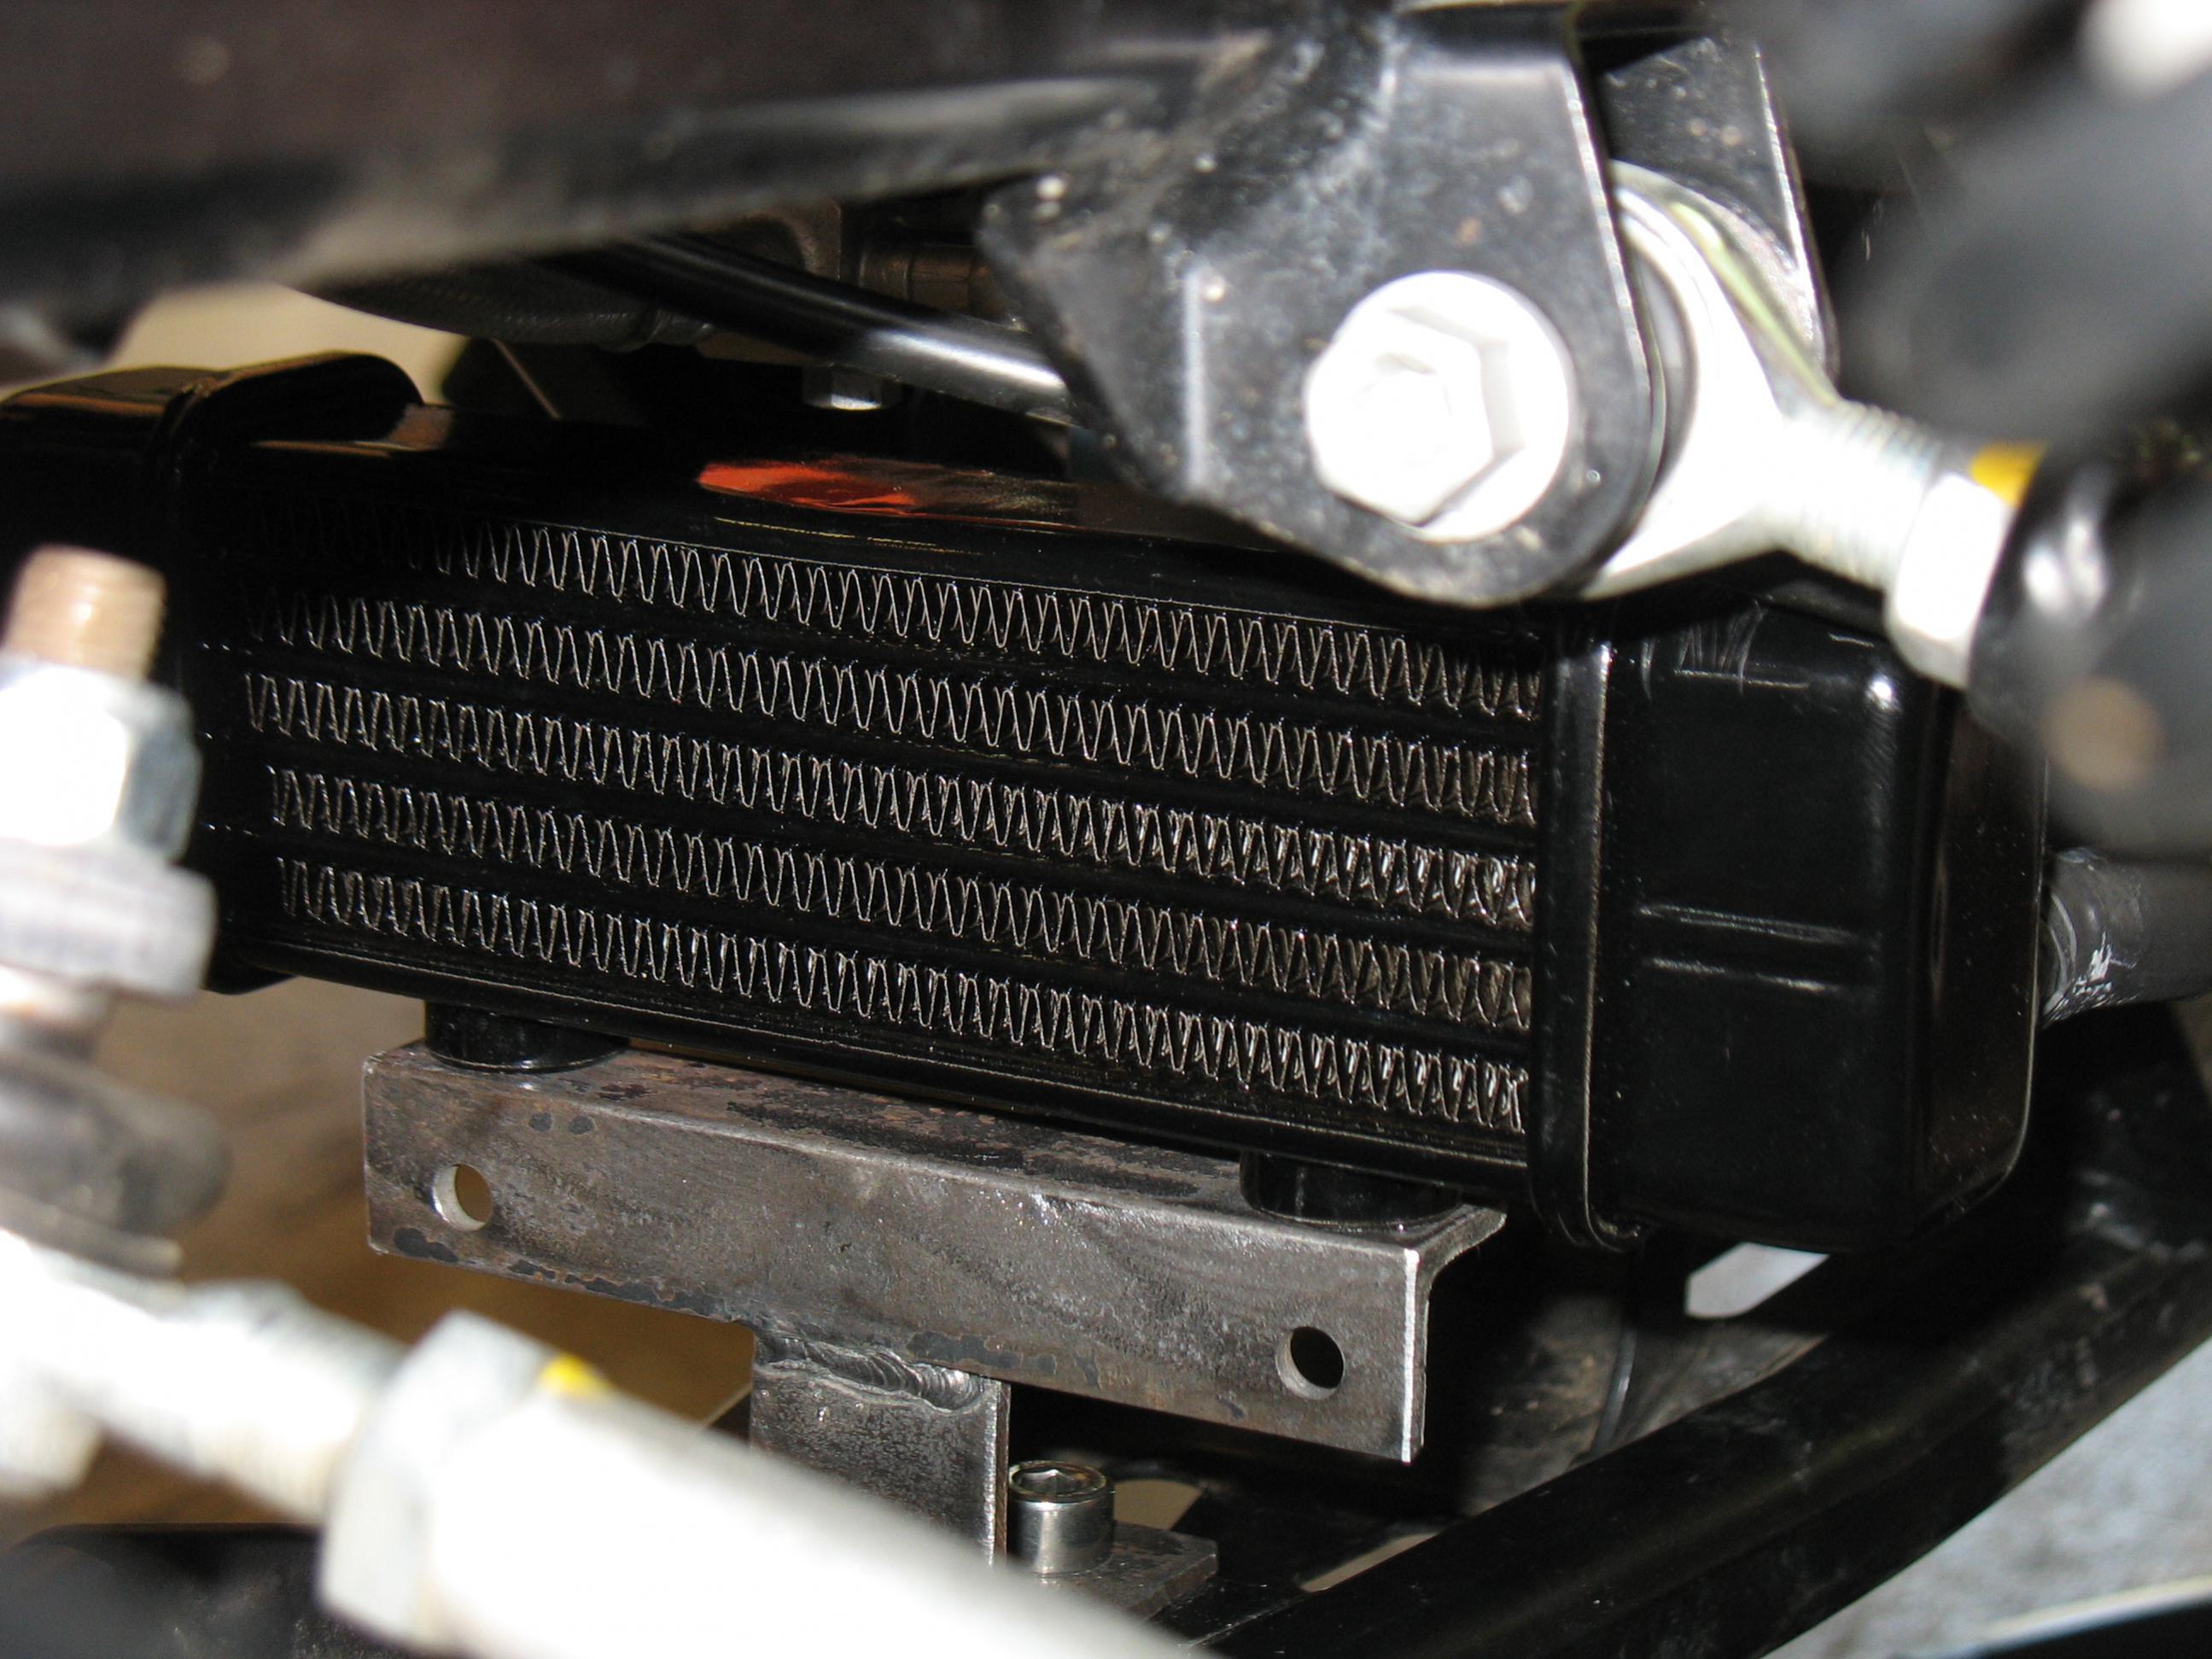 Ktm Oil Cooler Adapter